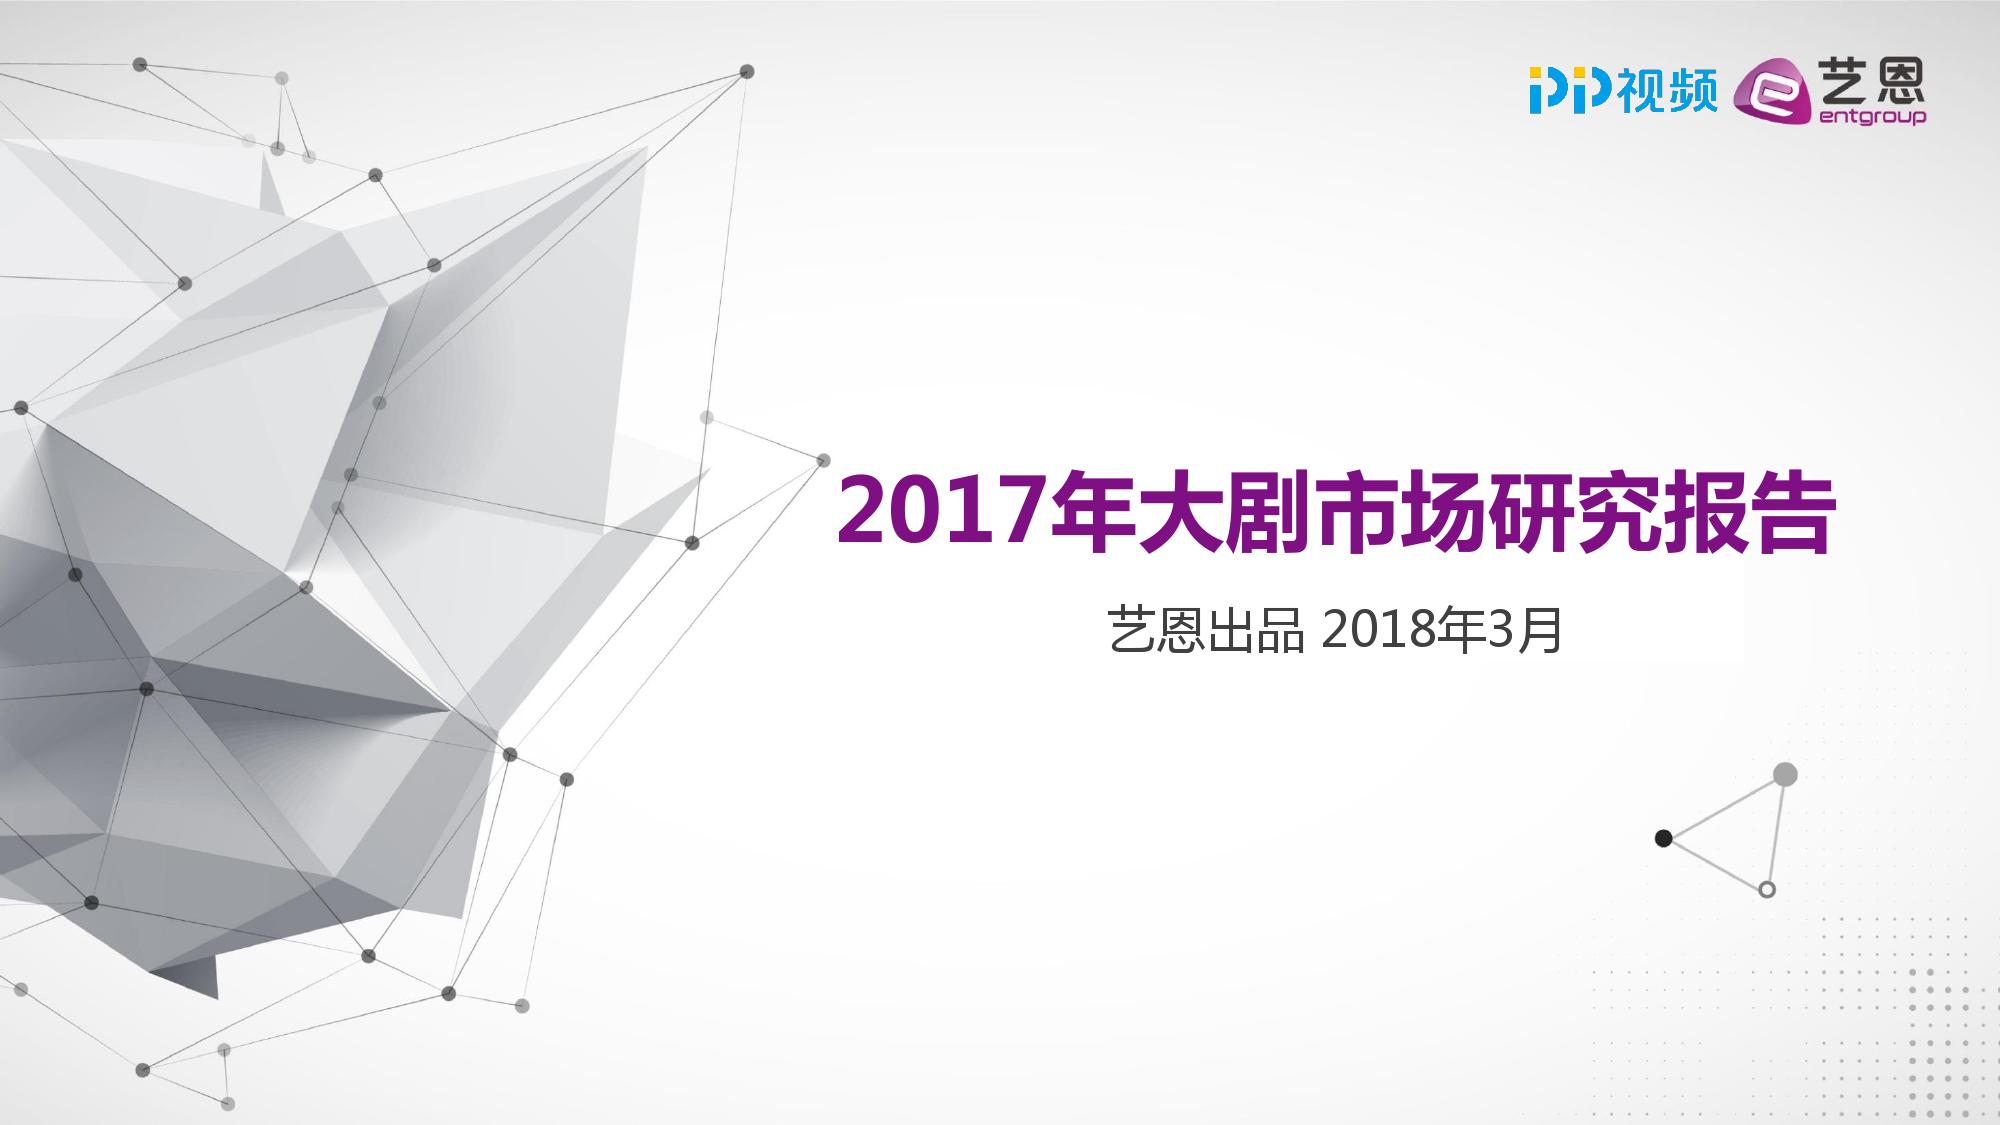 艺恩咨询:2017年大剧市场研究报告(附下载)